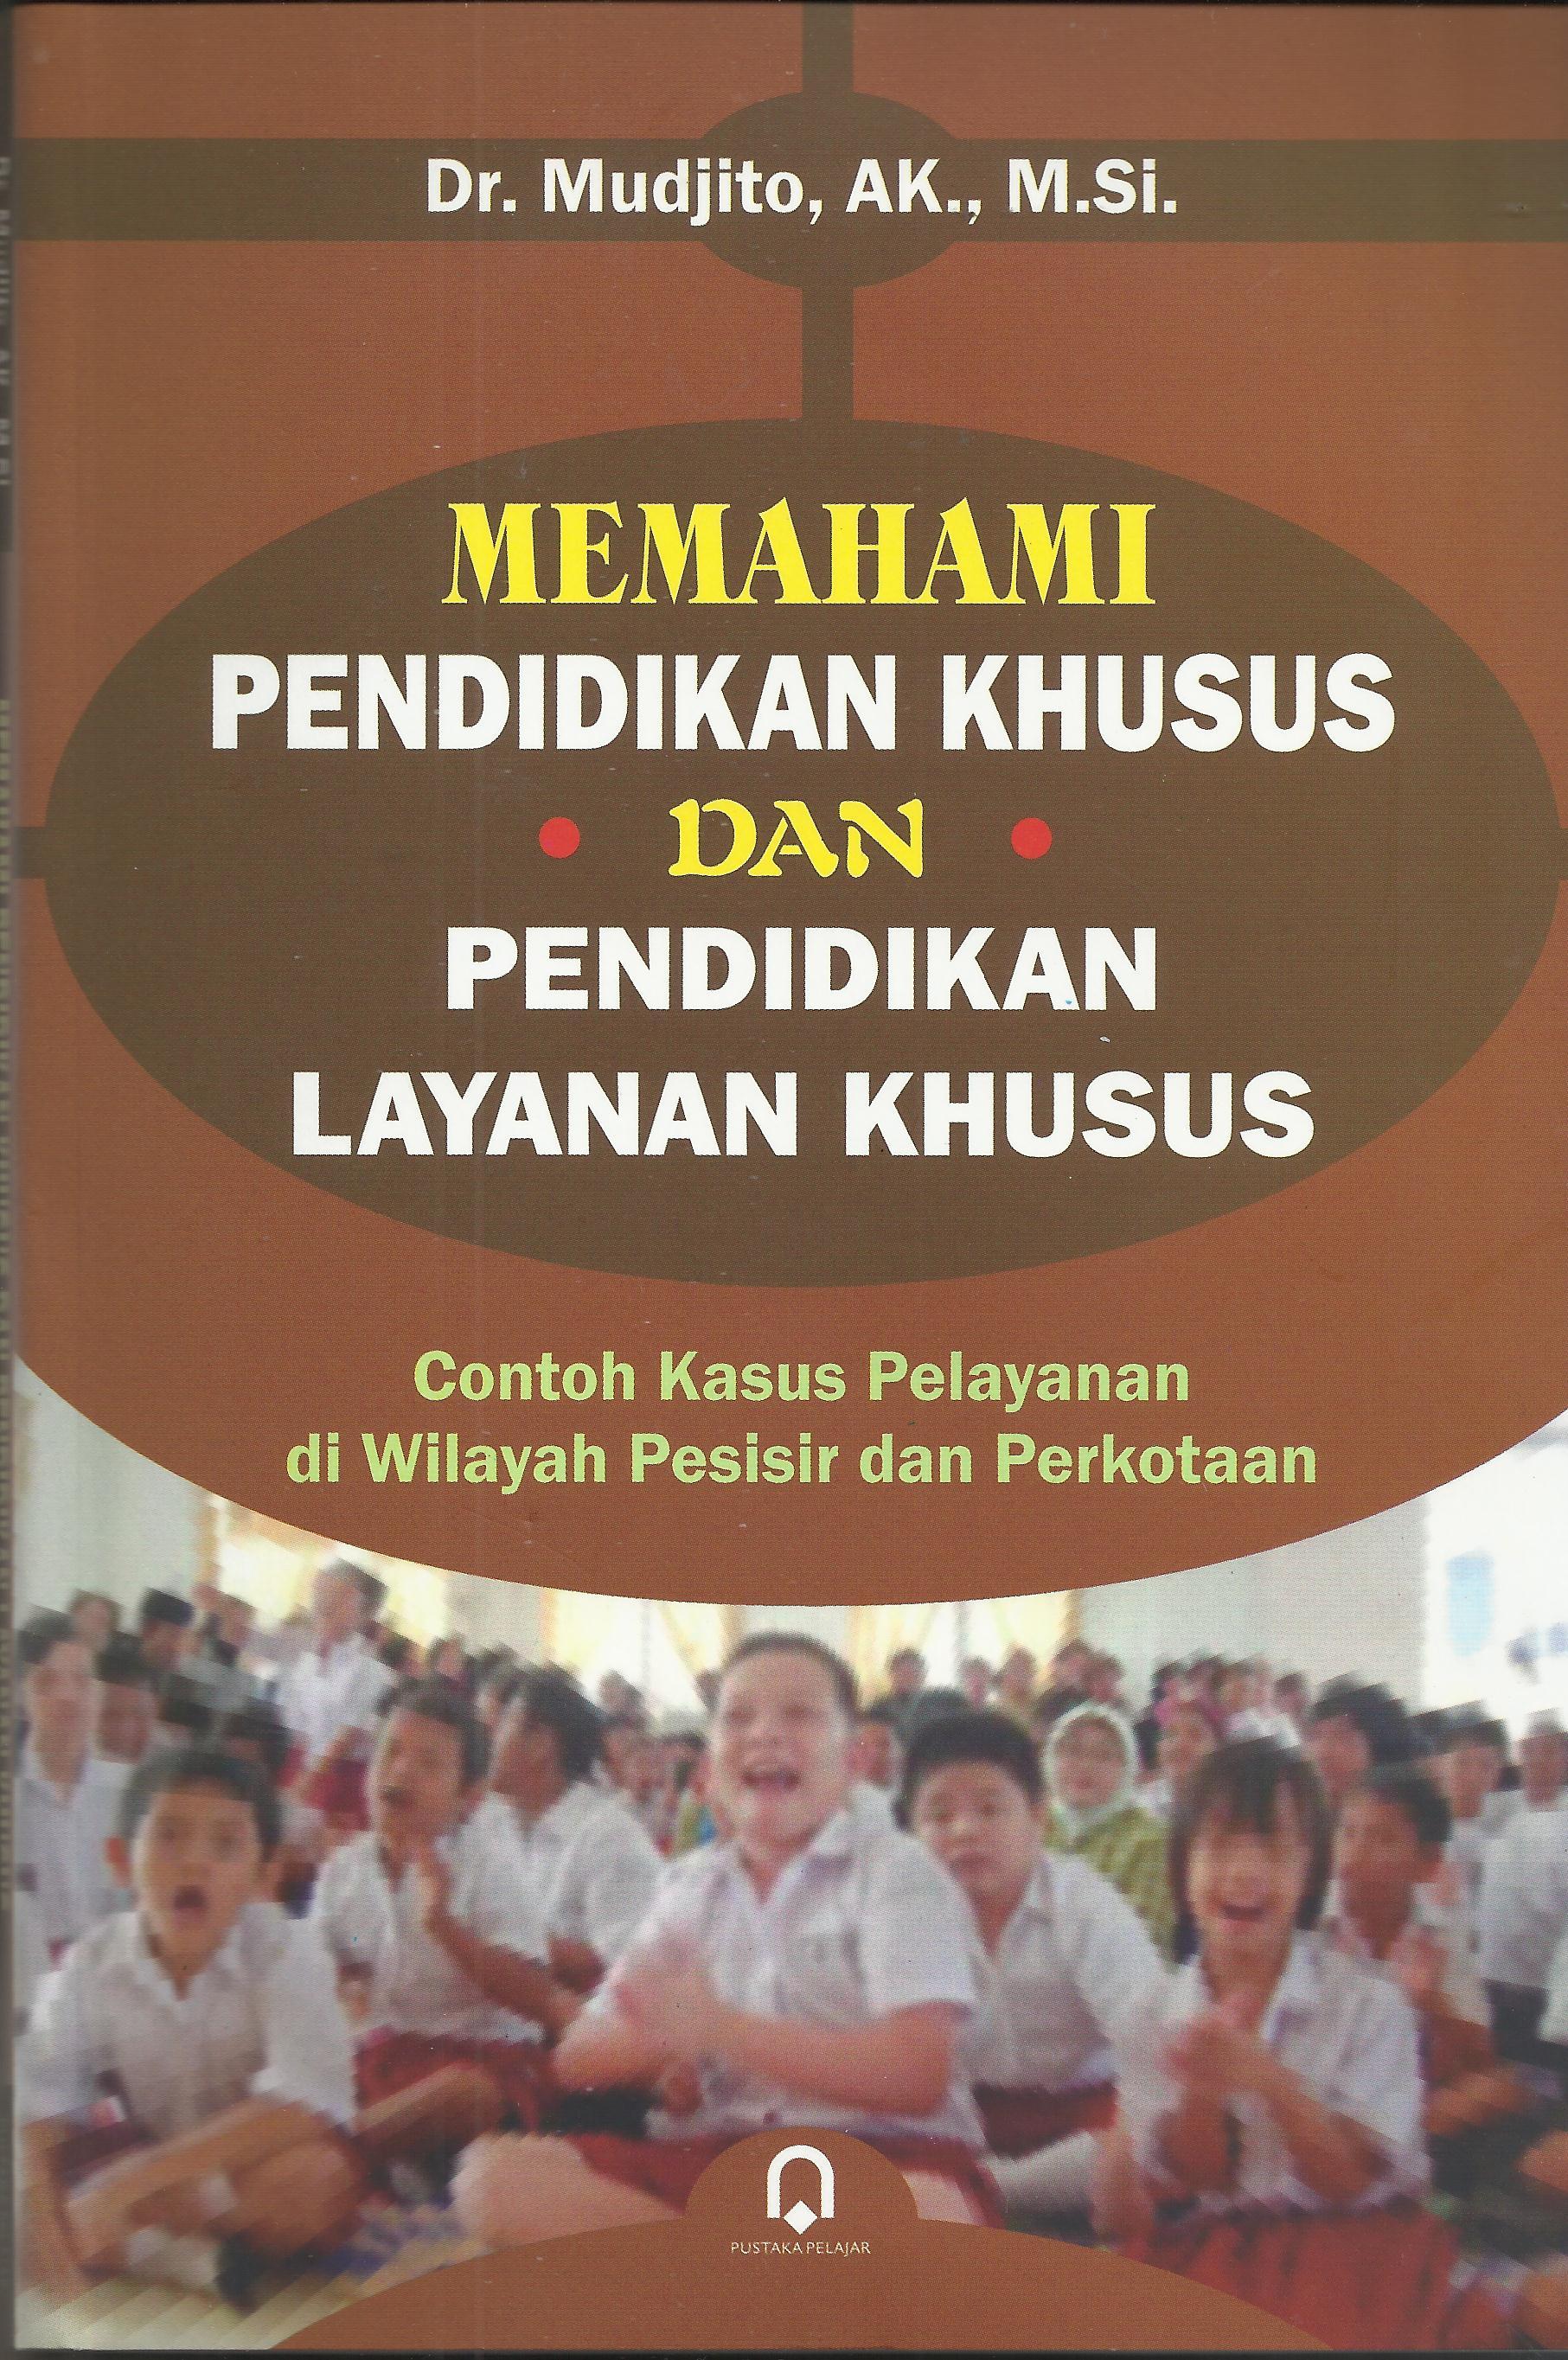 Memahami Pendidikan Khusus dan Pendidikan Layanan Khusus